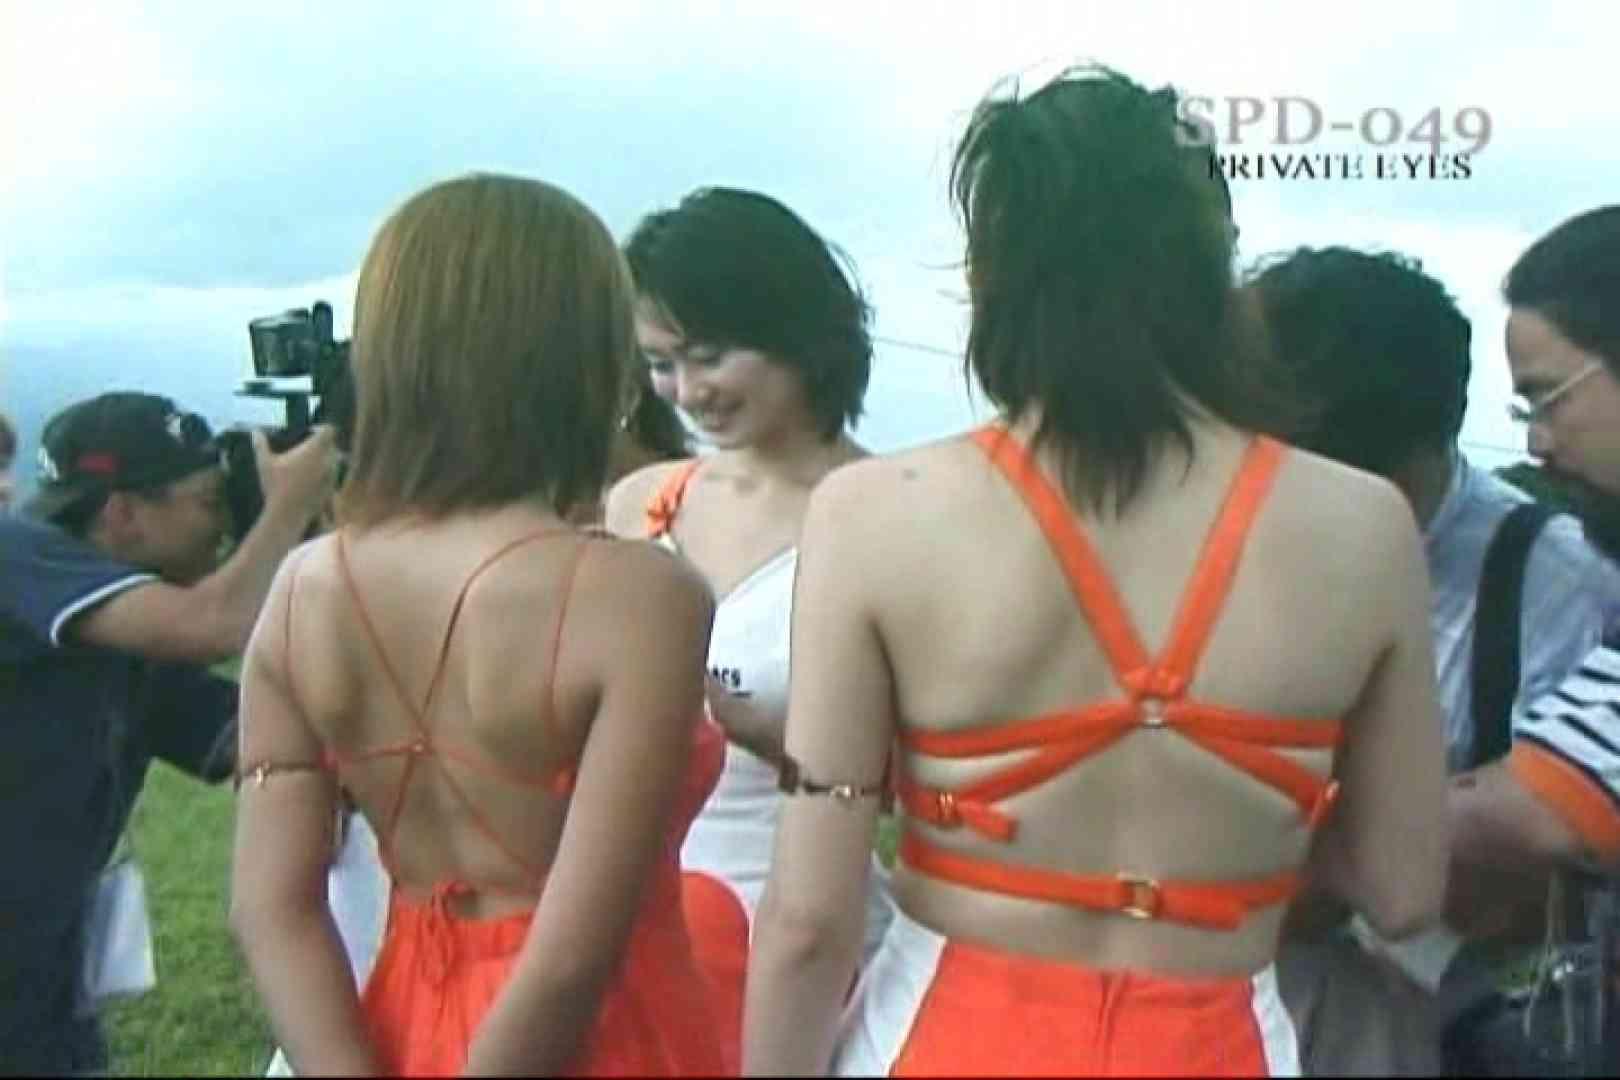 高画質版!SPD-049 サーキットの女神達 99'GT富士第5戦 プライベート  93pic 3